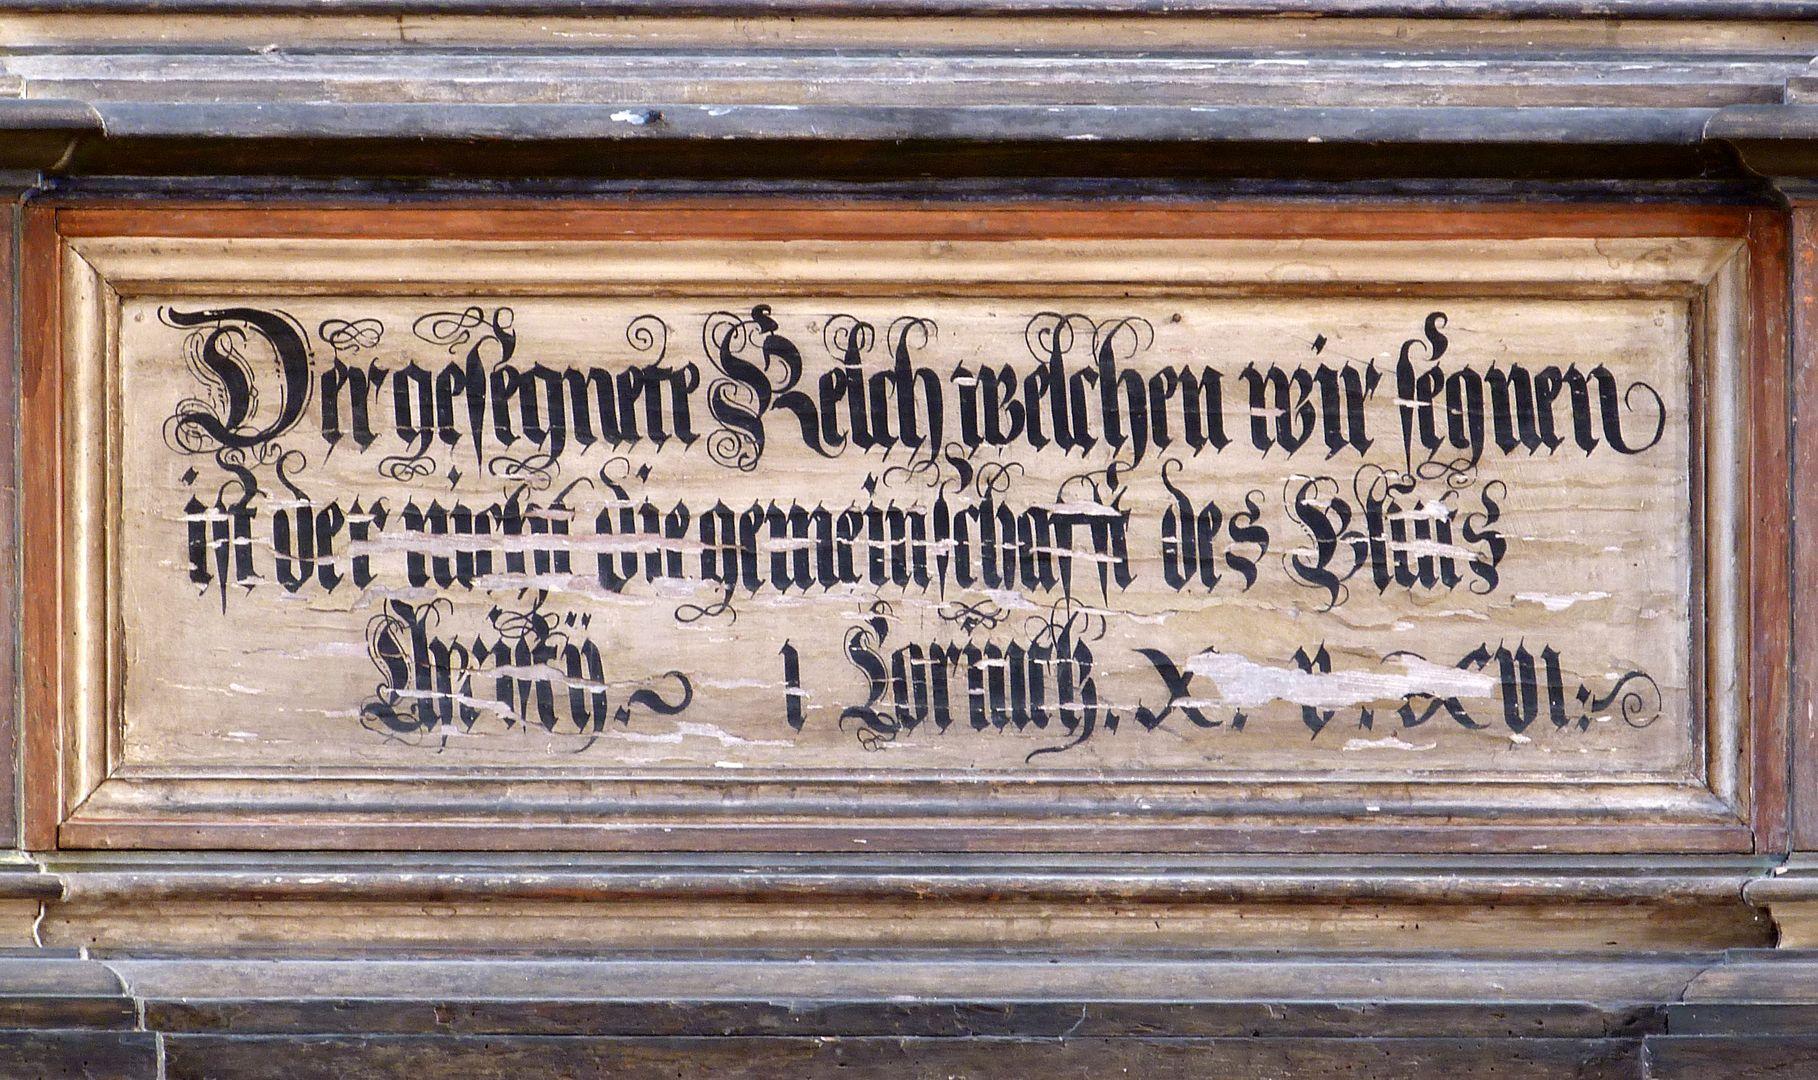 Flötner Altar (Ansbach) Inschrift aus Korinther 10,16 erster Satz: Ist der Kelch des Segens, über den wir den Segen sprechen, nicht Teilhabe am Blut Christi? (Ist das Brot, das wir brechen, nicht Teilhabe am Leib Christi?)